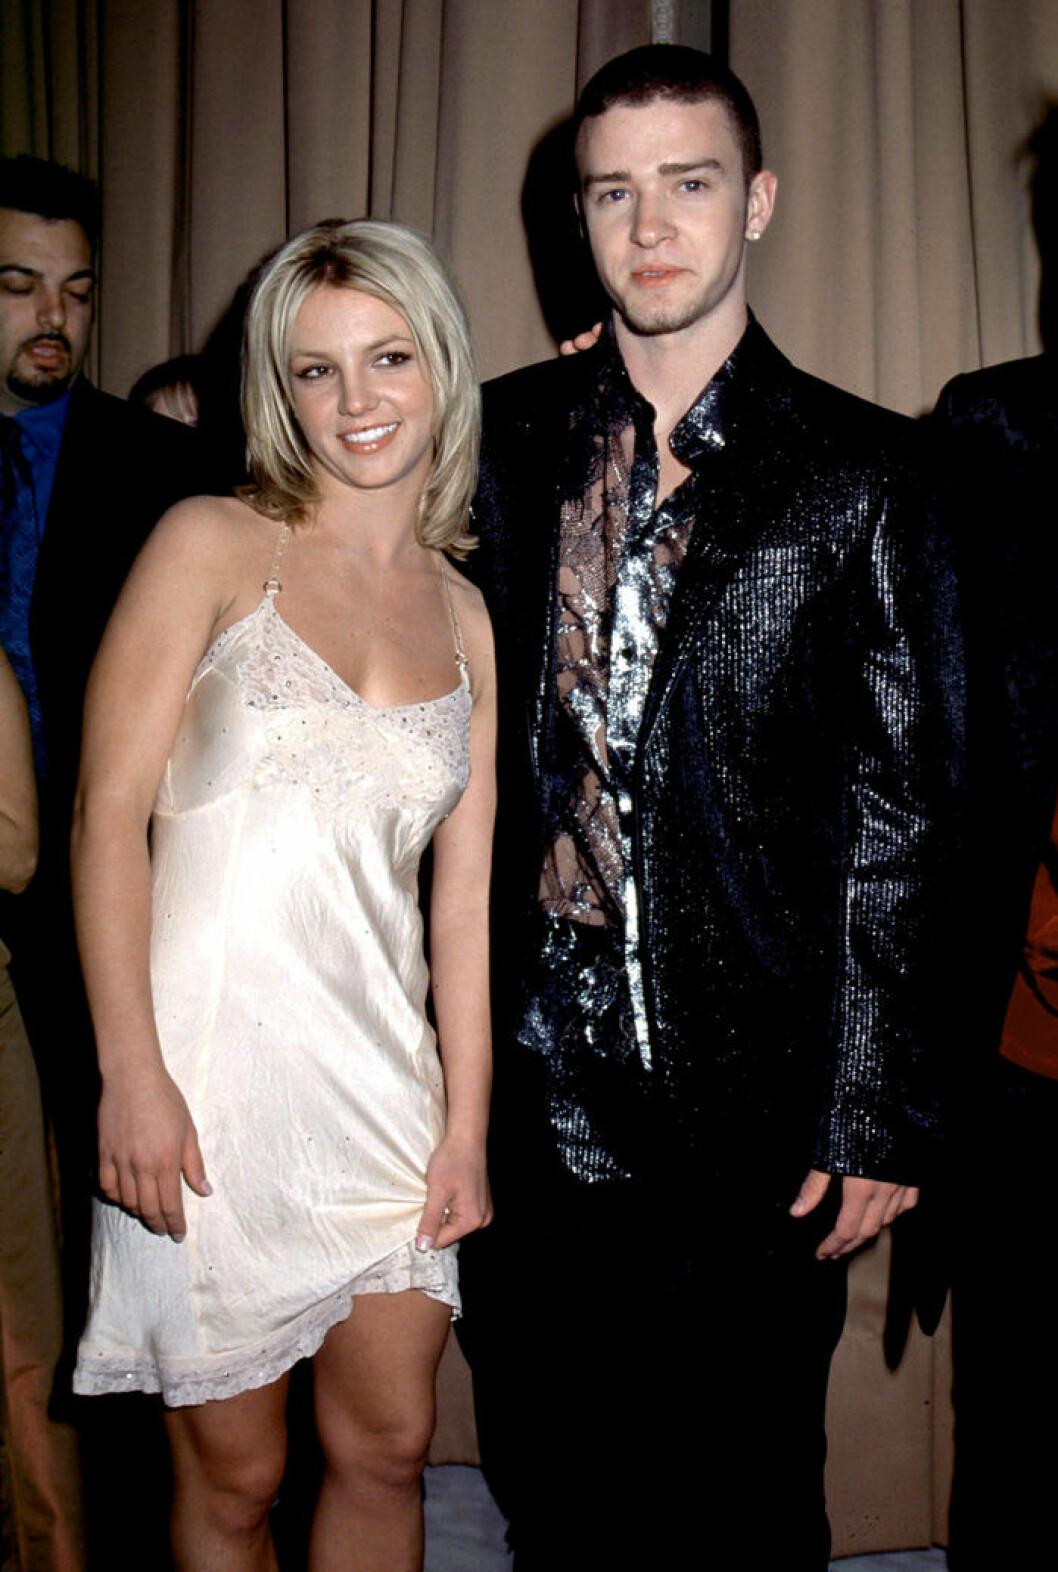 En bild på Britney Spears och Justin Timberlake, 2001.